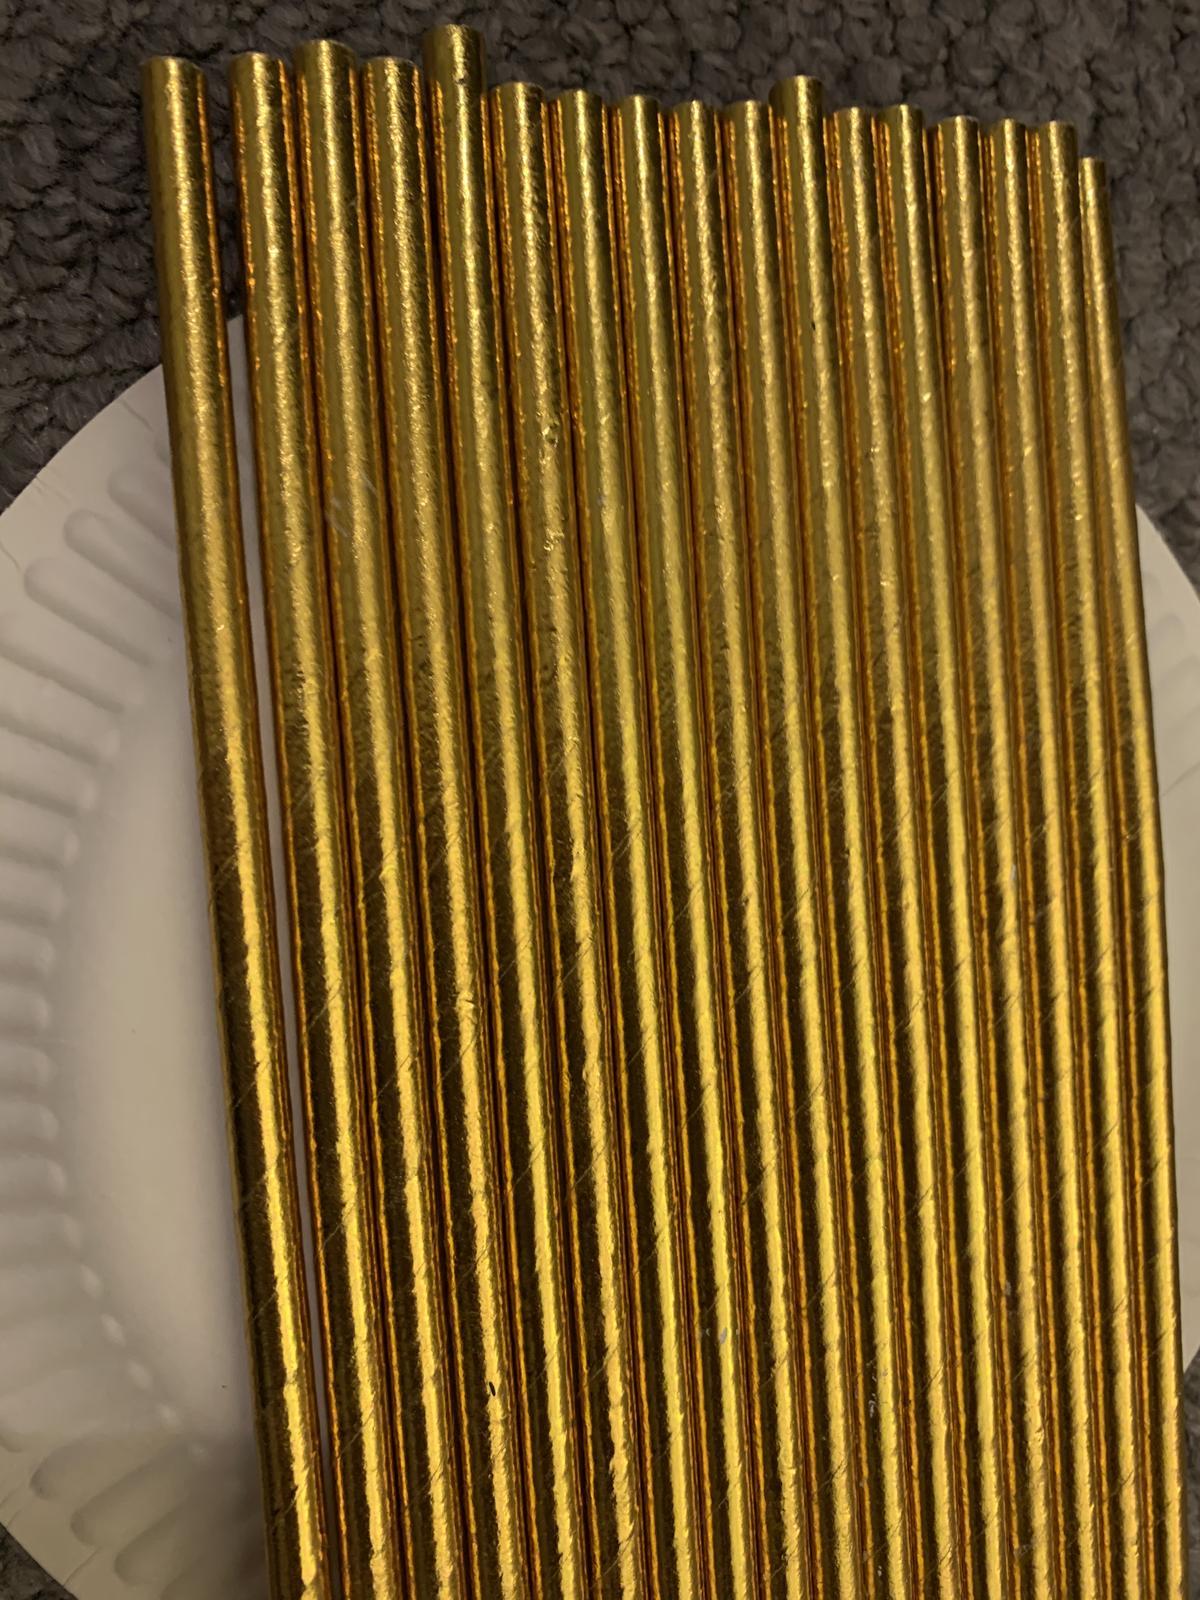 Zlatá a zlato-bílá papírová brčka - Obrázek č. 2